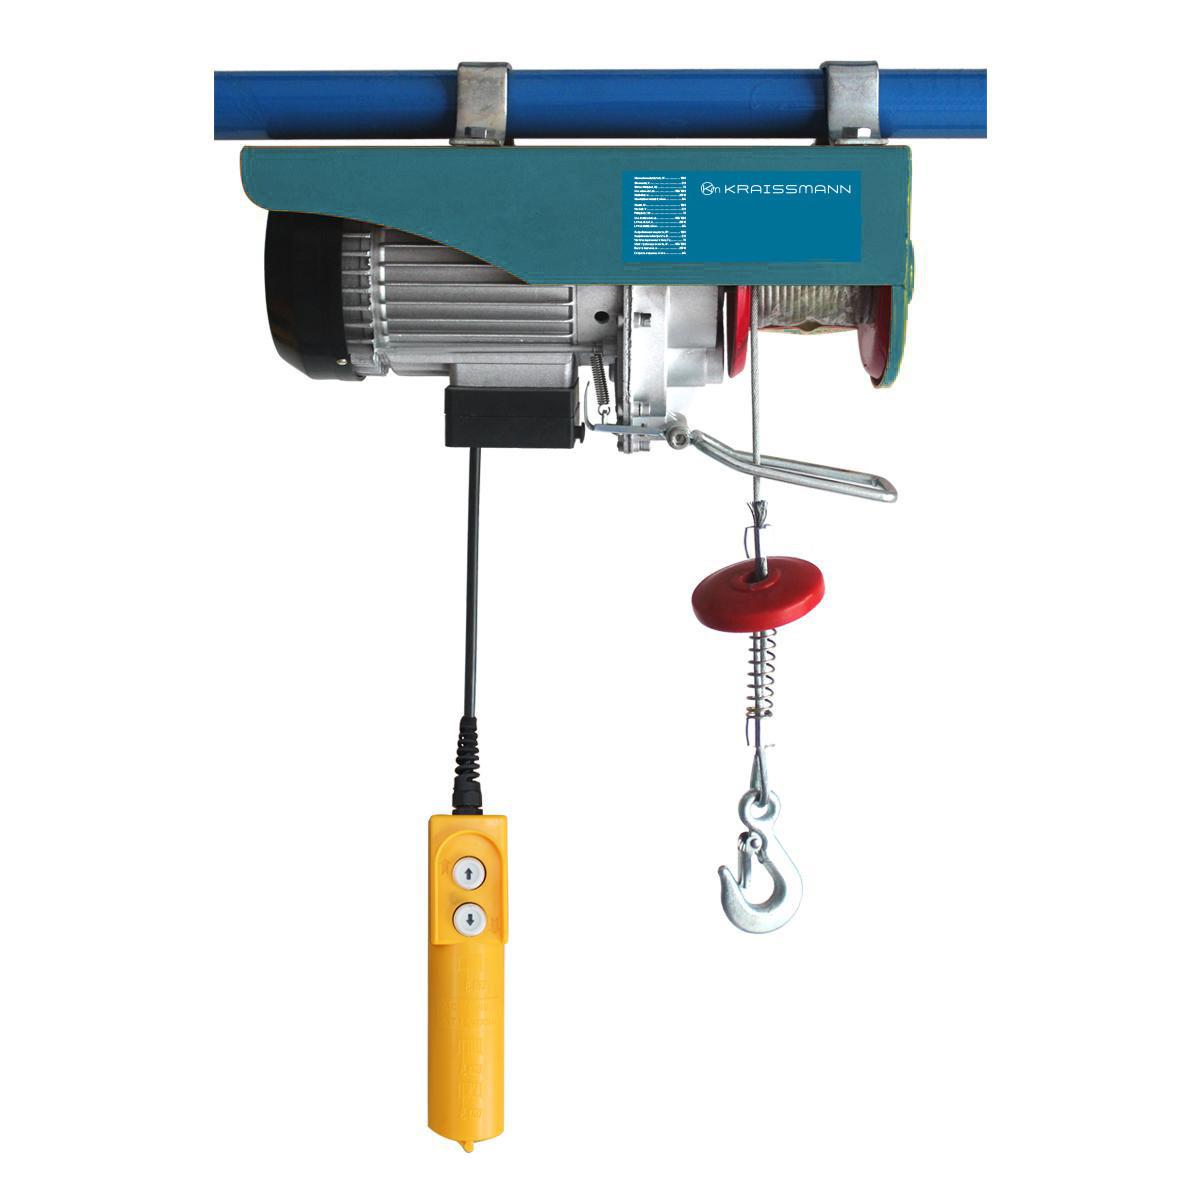 Подъемник электрический KRAISSMANN SH 125/250 (высота подъема 10м/20м)